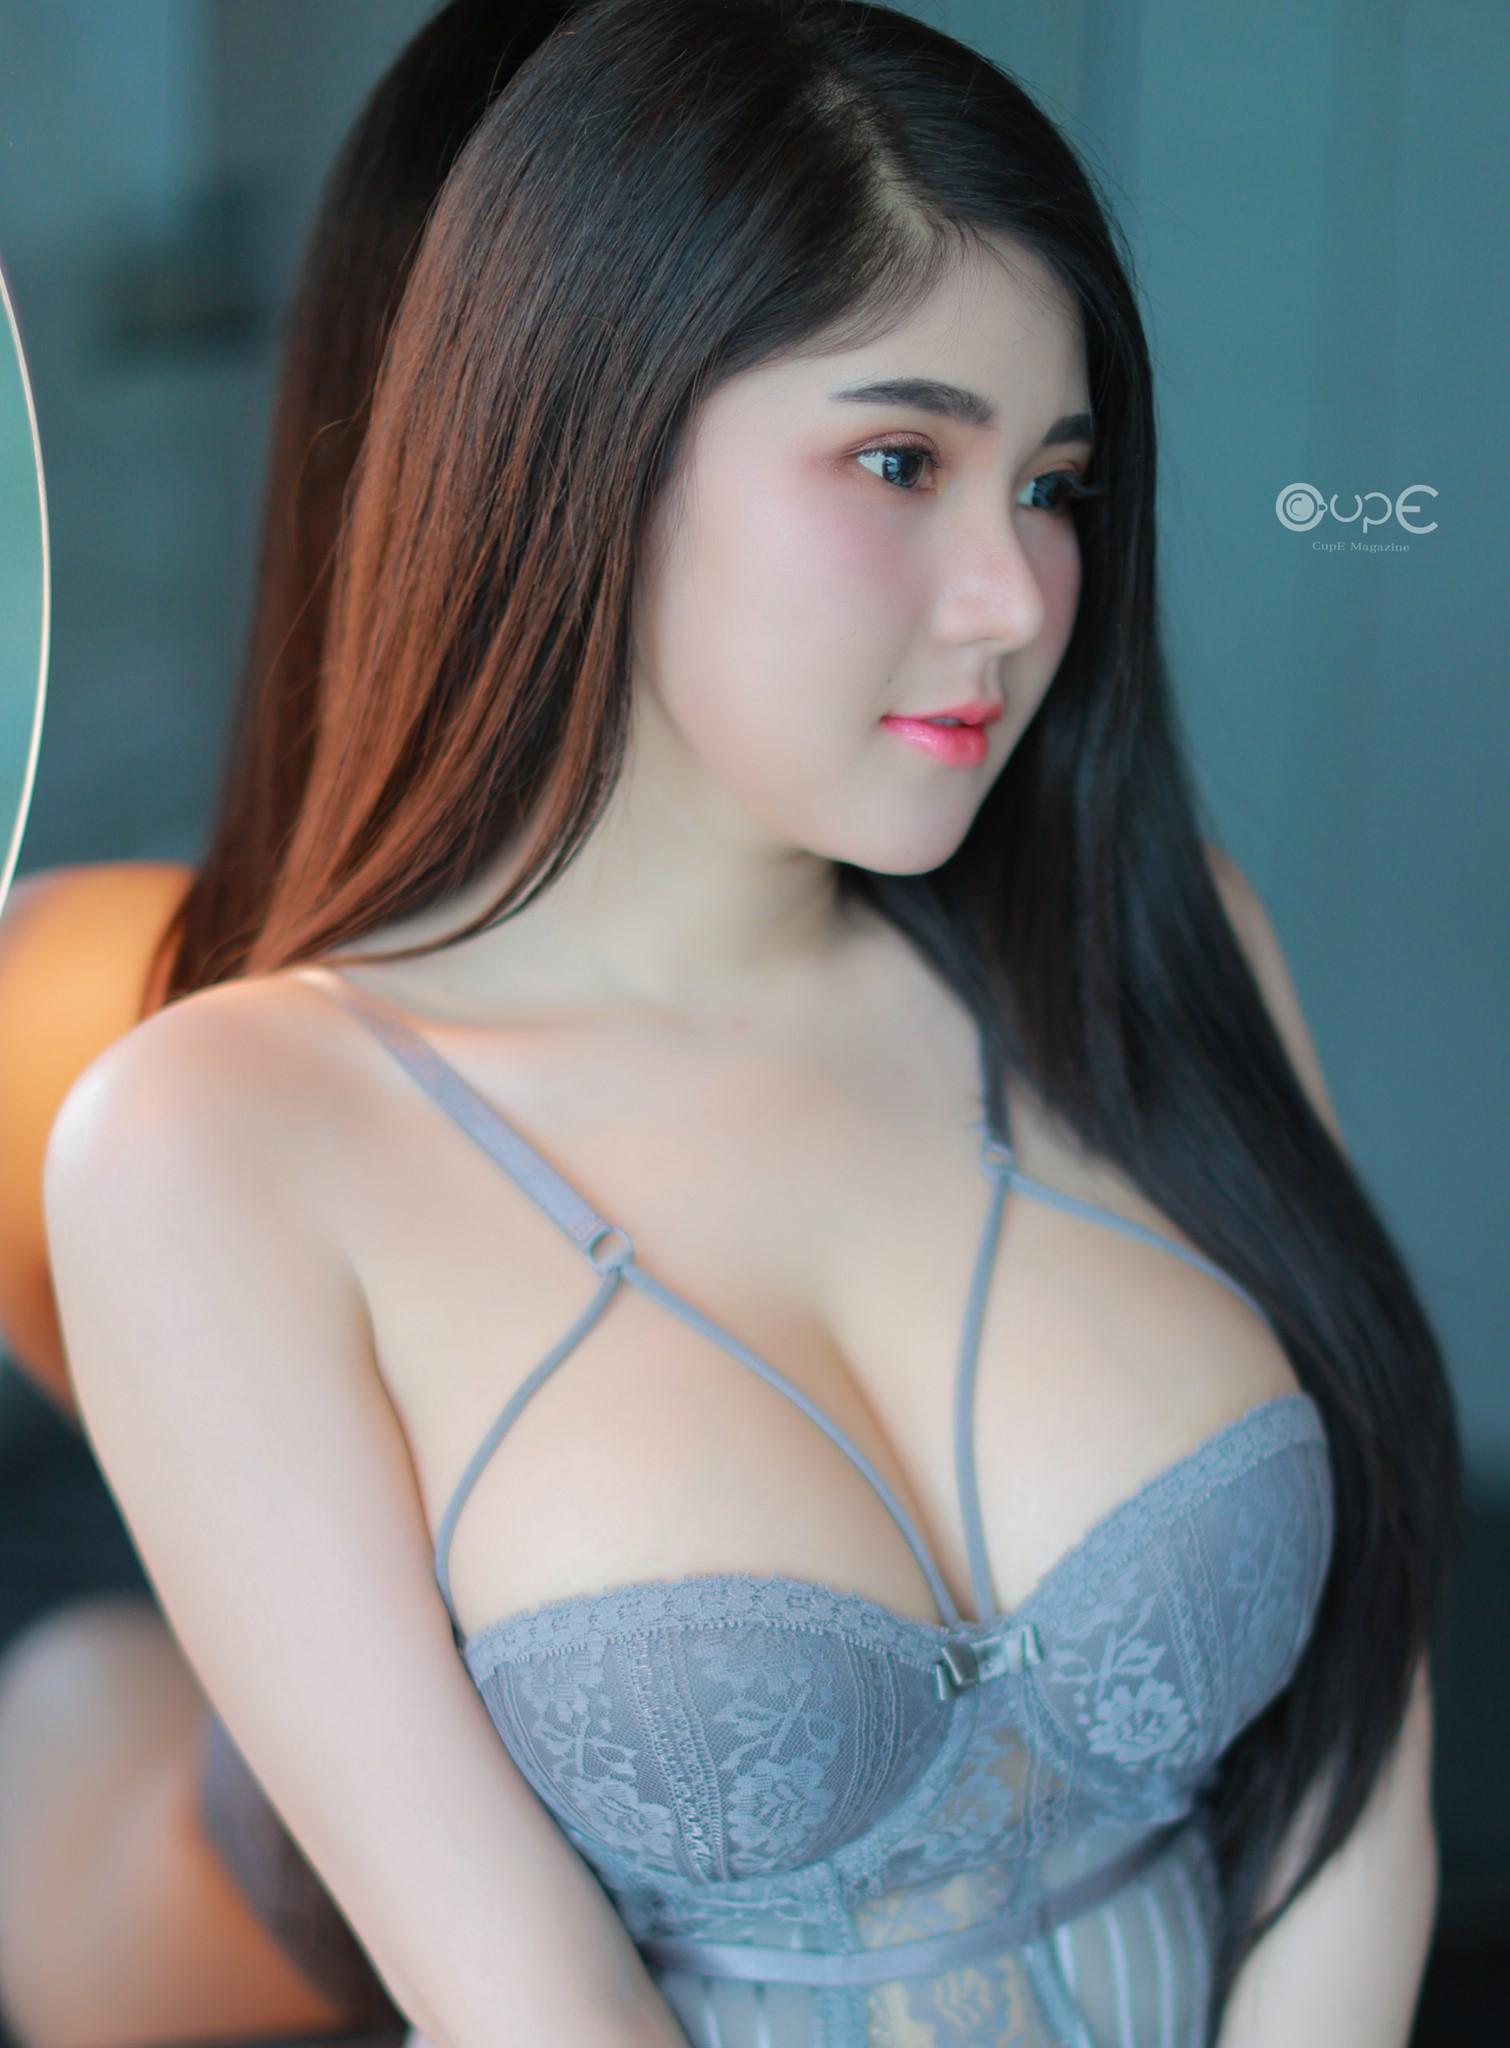 Nookkiie Kanyanat สาวเซ็กซี่ น่าอกโต สาวน่ารัก สาวสวย เป็นที่ถูกใจของผู้ชาย